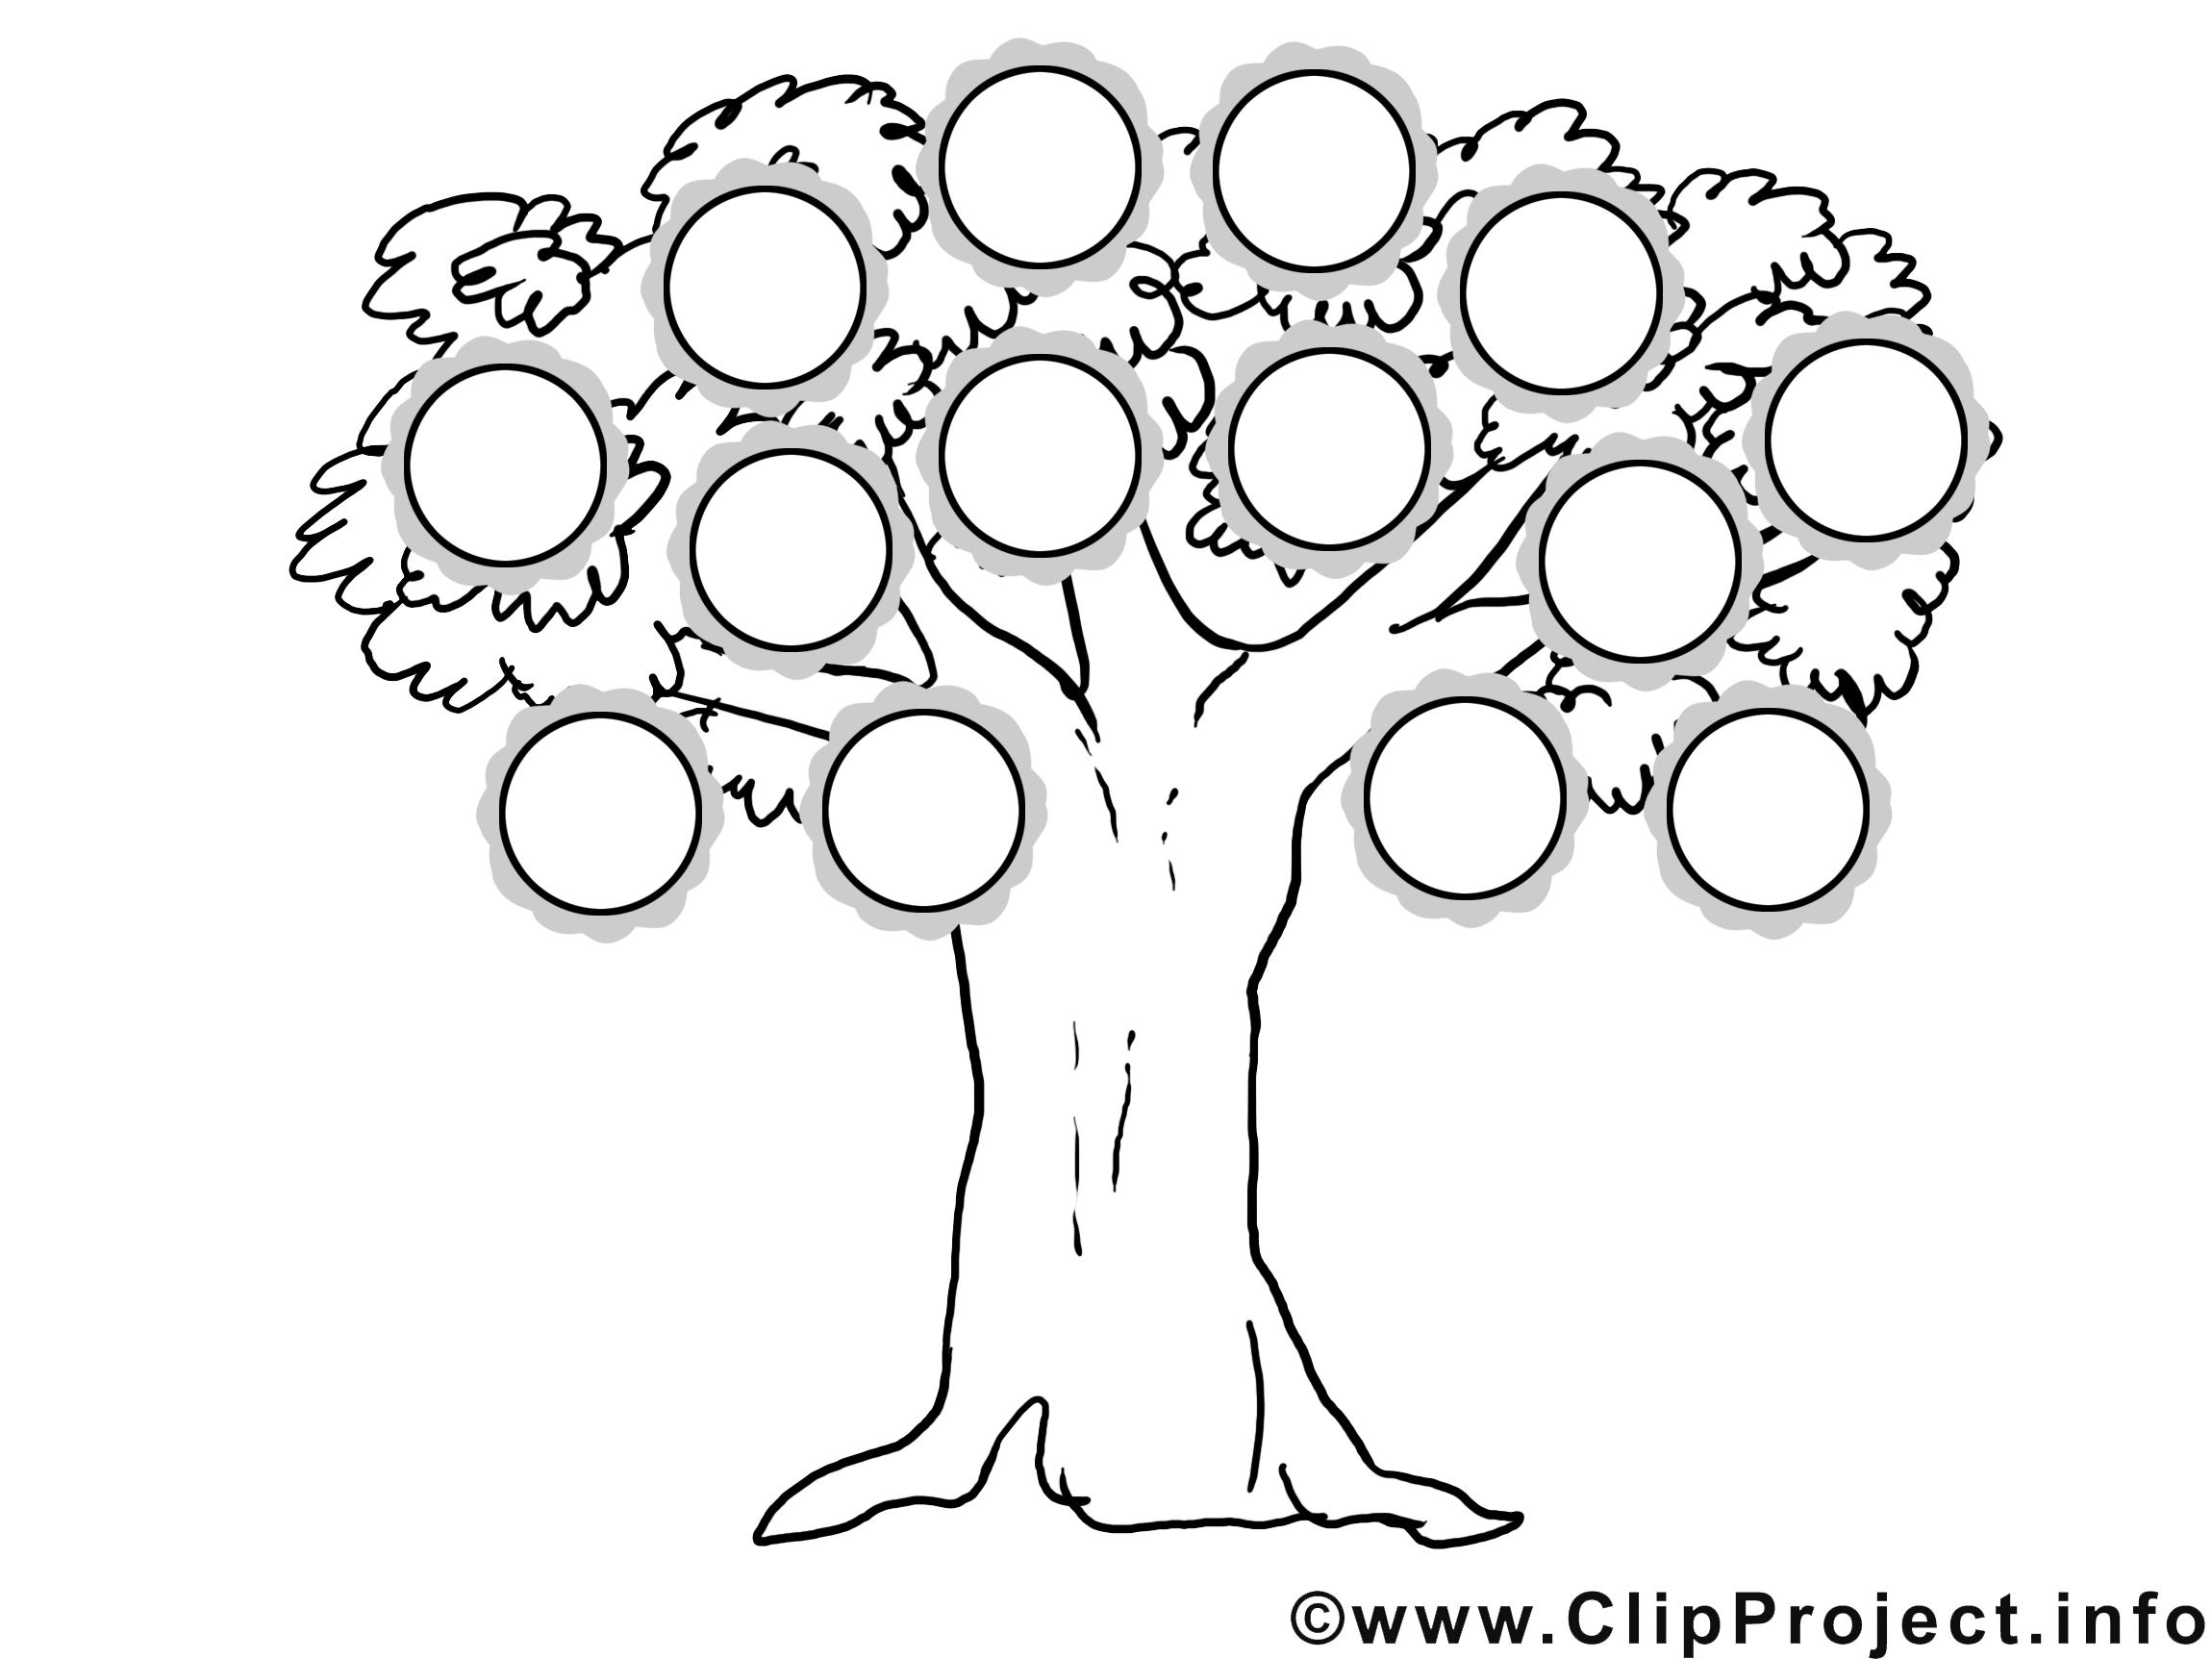 Dessin gratuit arbre généalogique à colorier - Modèles ...